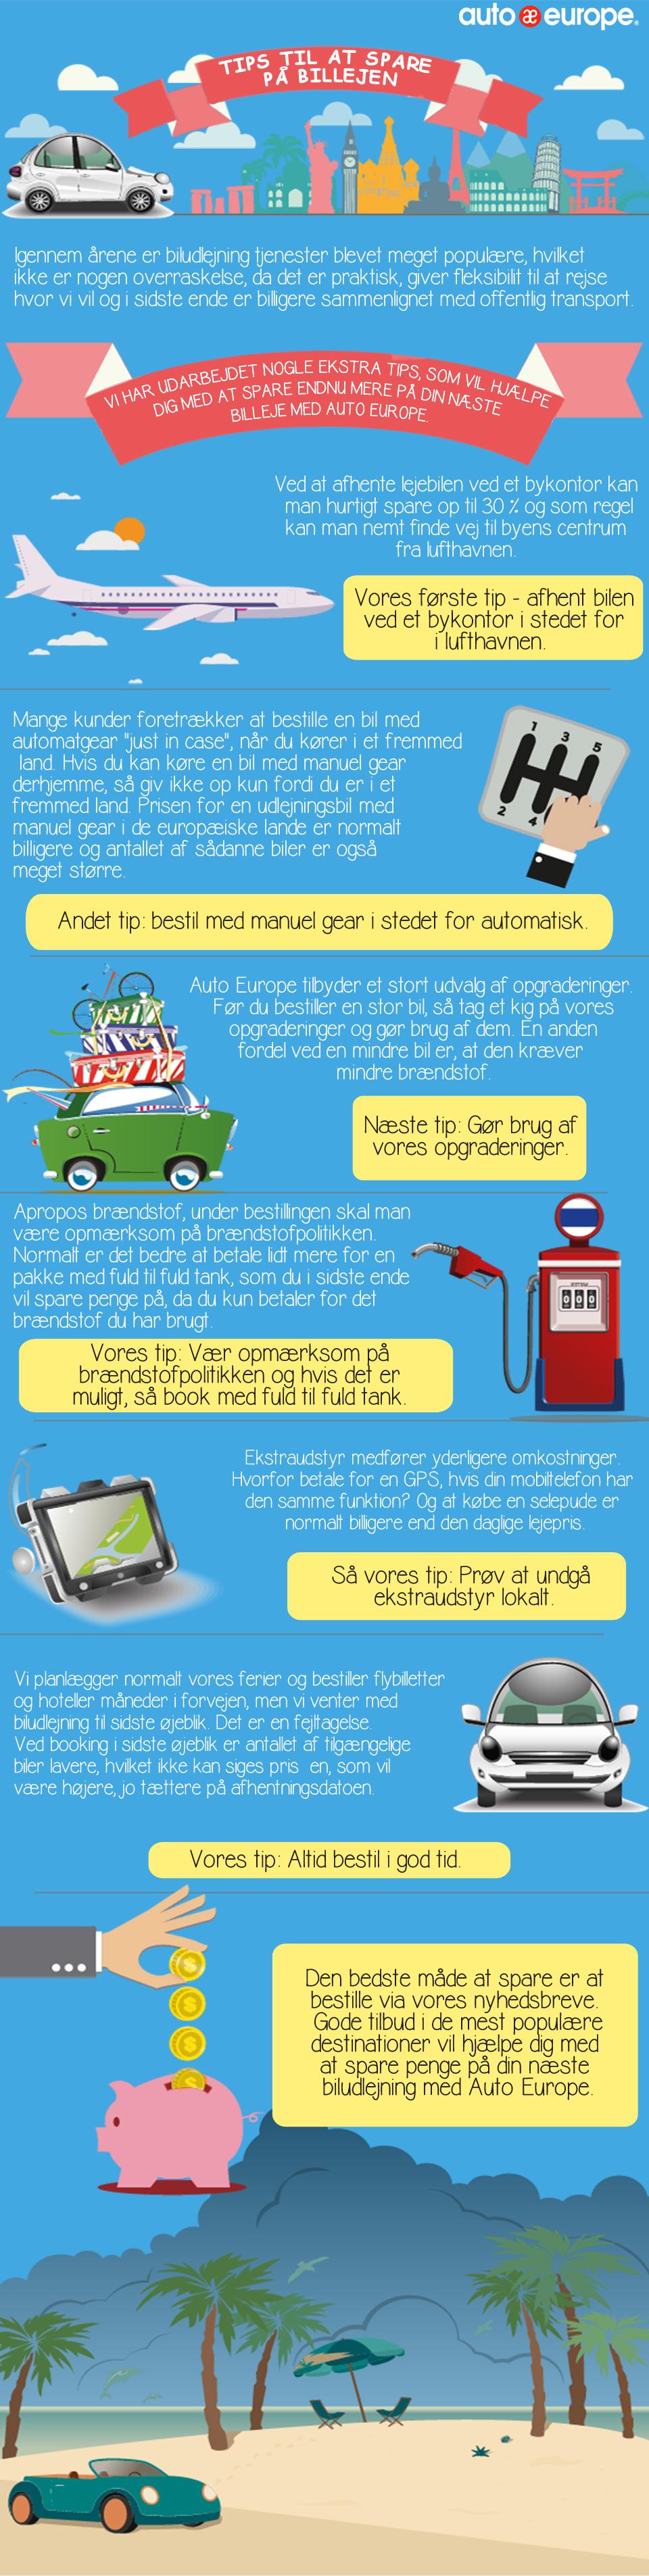 Infografik - Tips til at spare på biludlejning